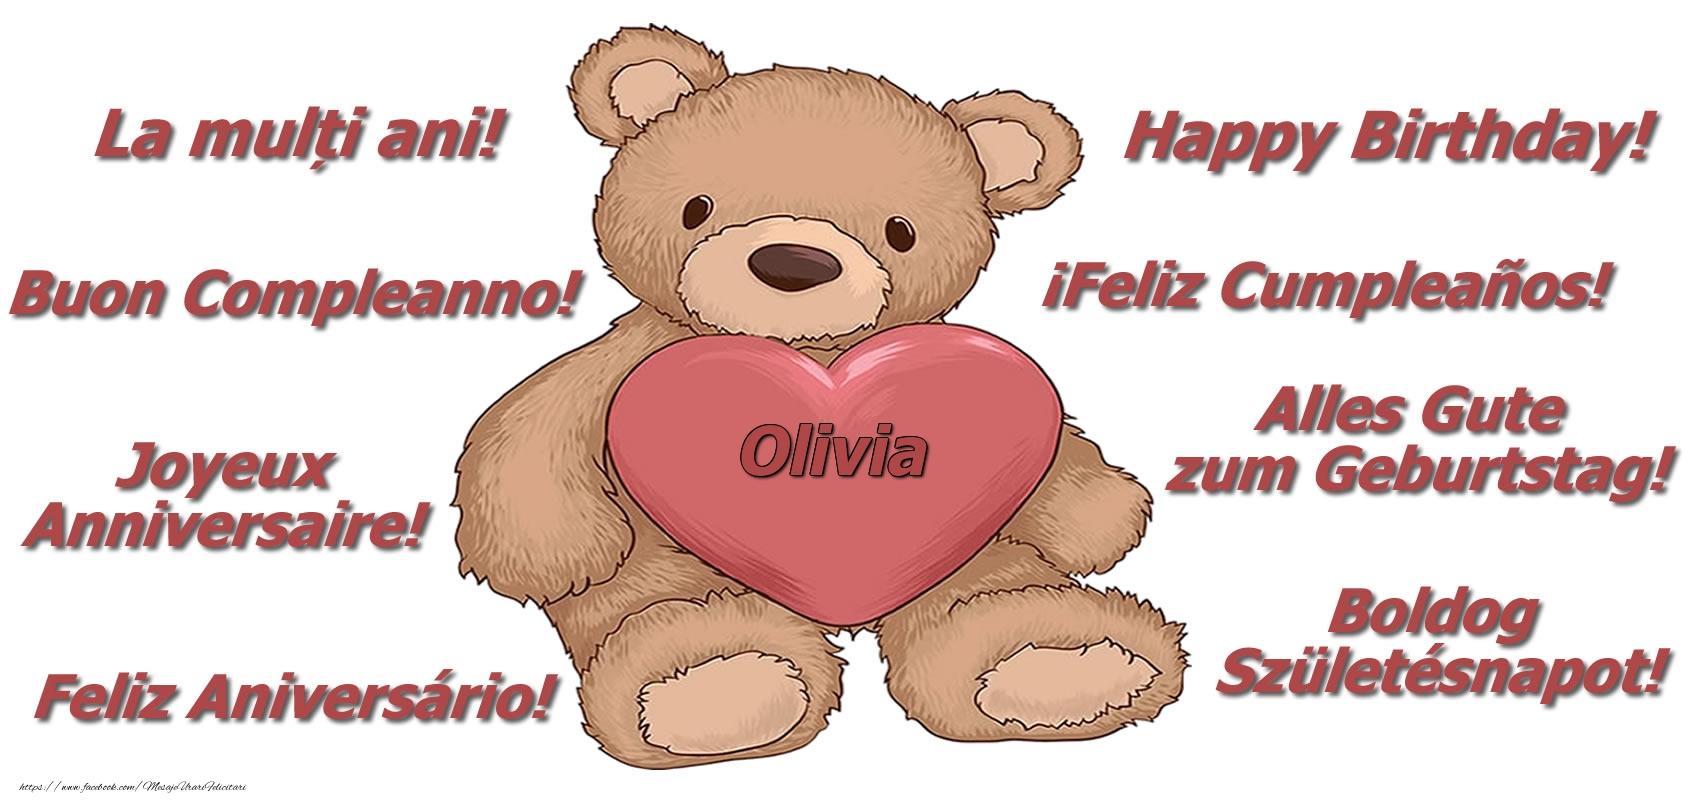 Felicitari de zi de nastere - La multi ani Olivia! - Ursulet